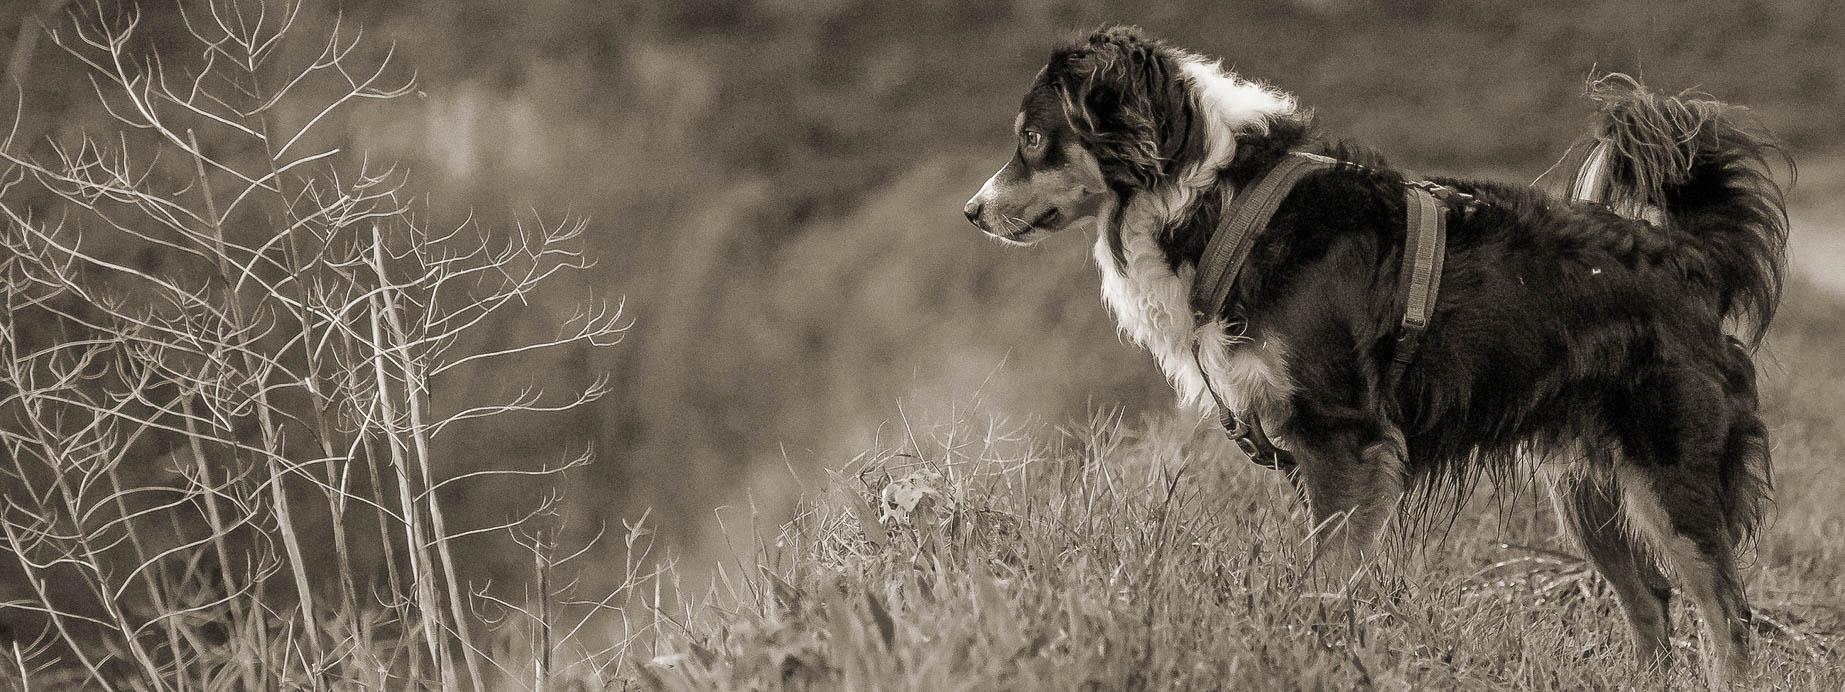 Aussi steht im Gras und schaut ins Tal